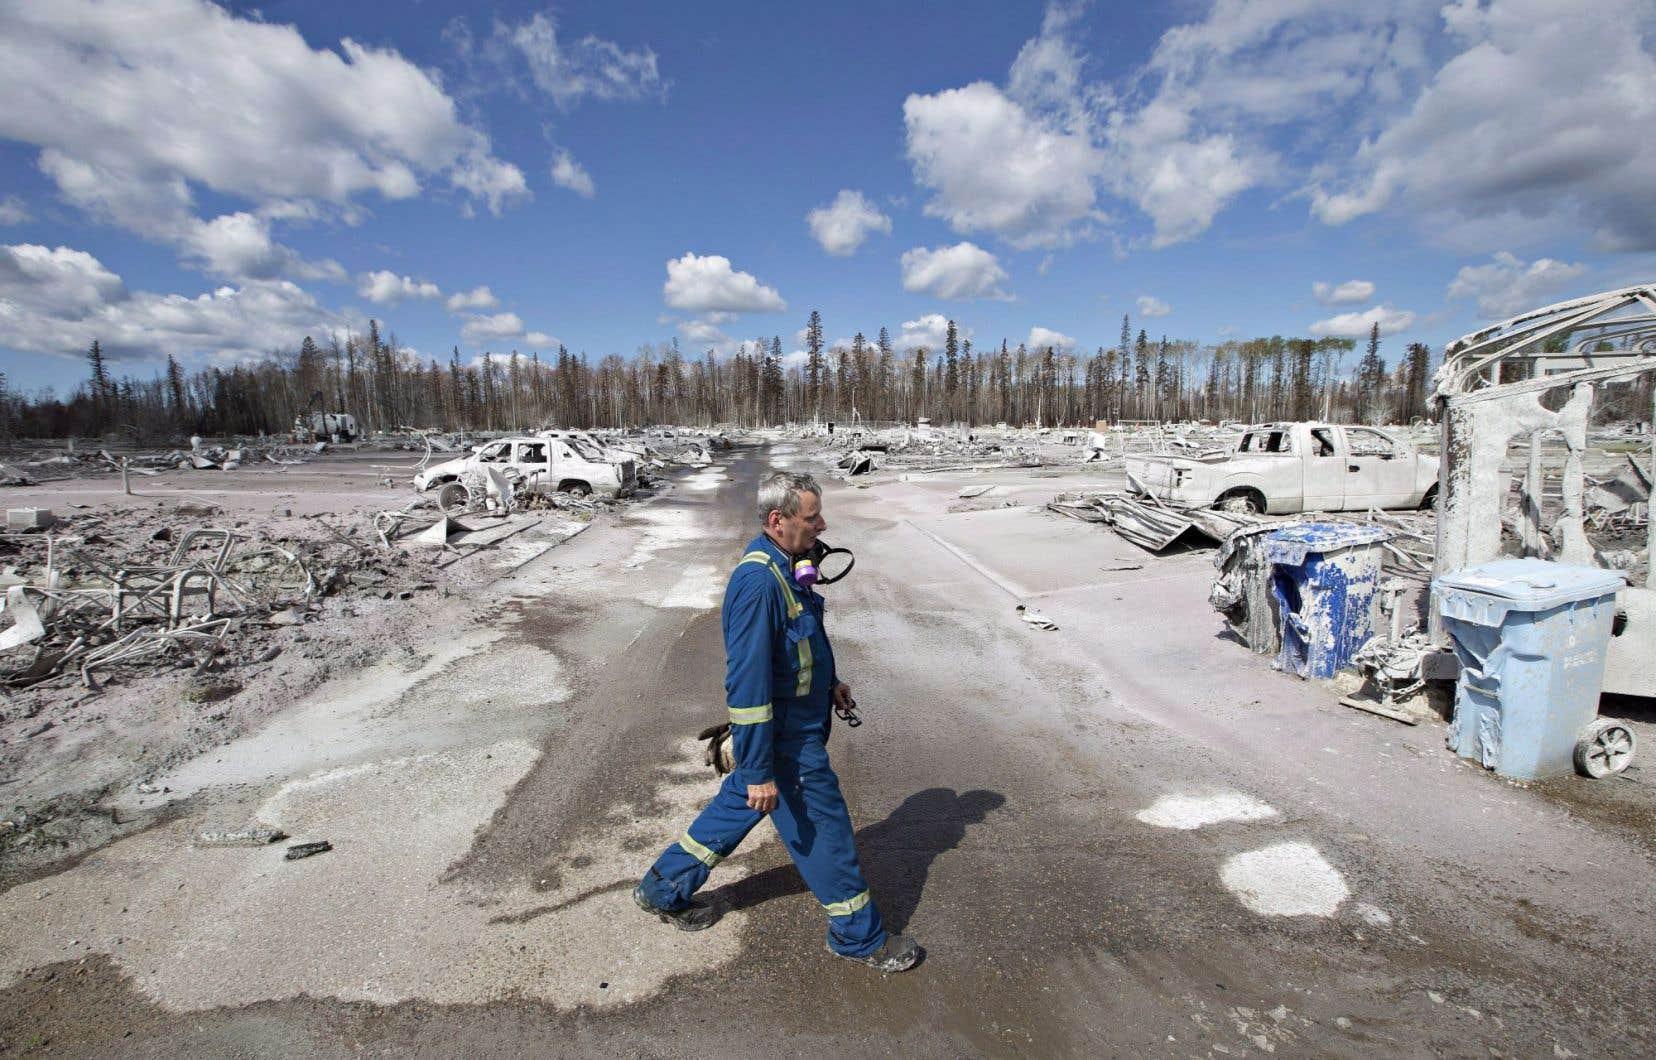 Plus de 80 000 résidants de Fort McMurray ont dû être évacués lorsqu'un incendie de forêt a ravagé la ville en mai.